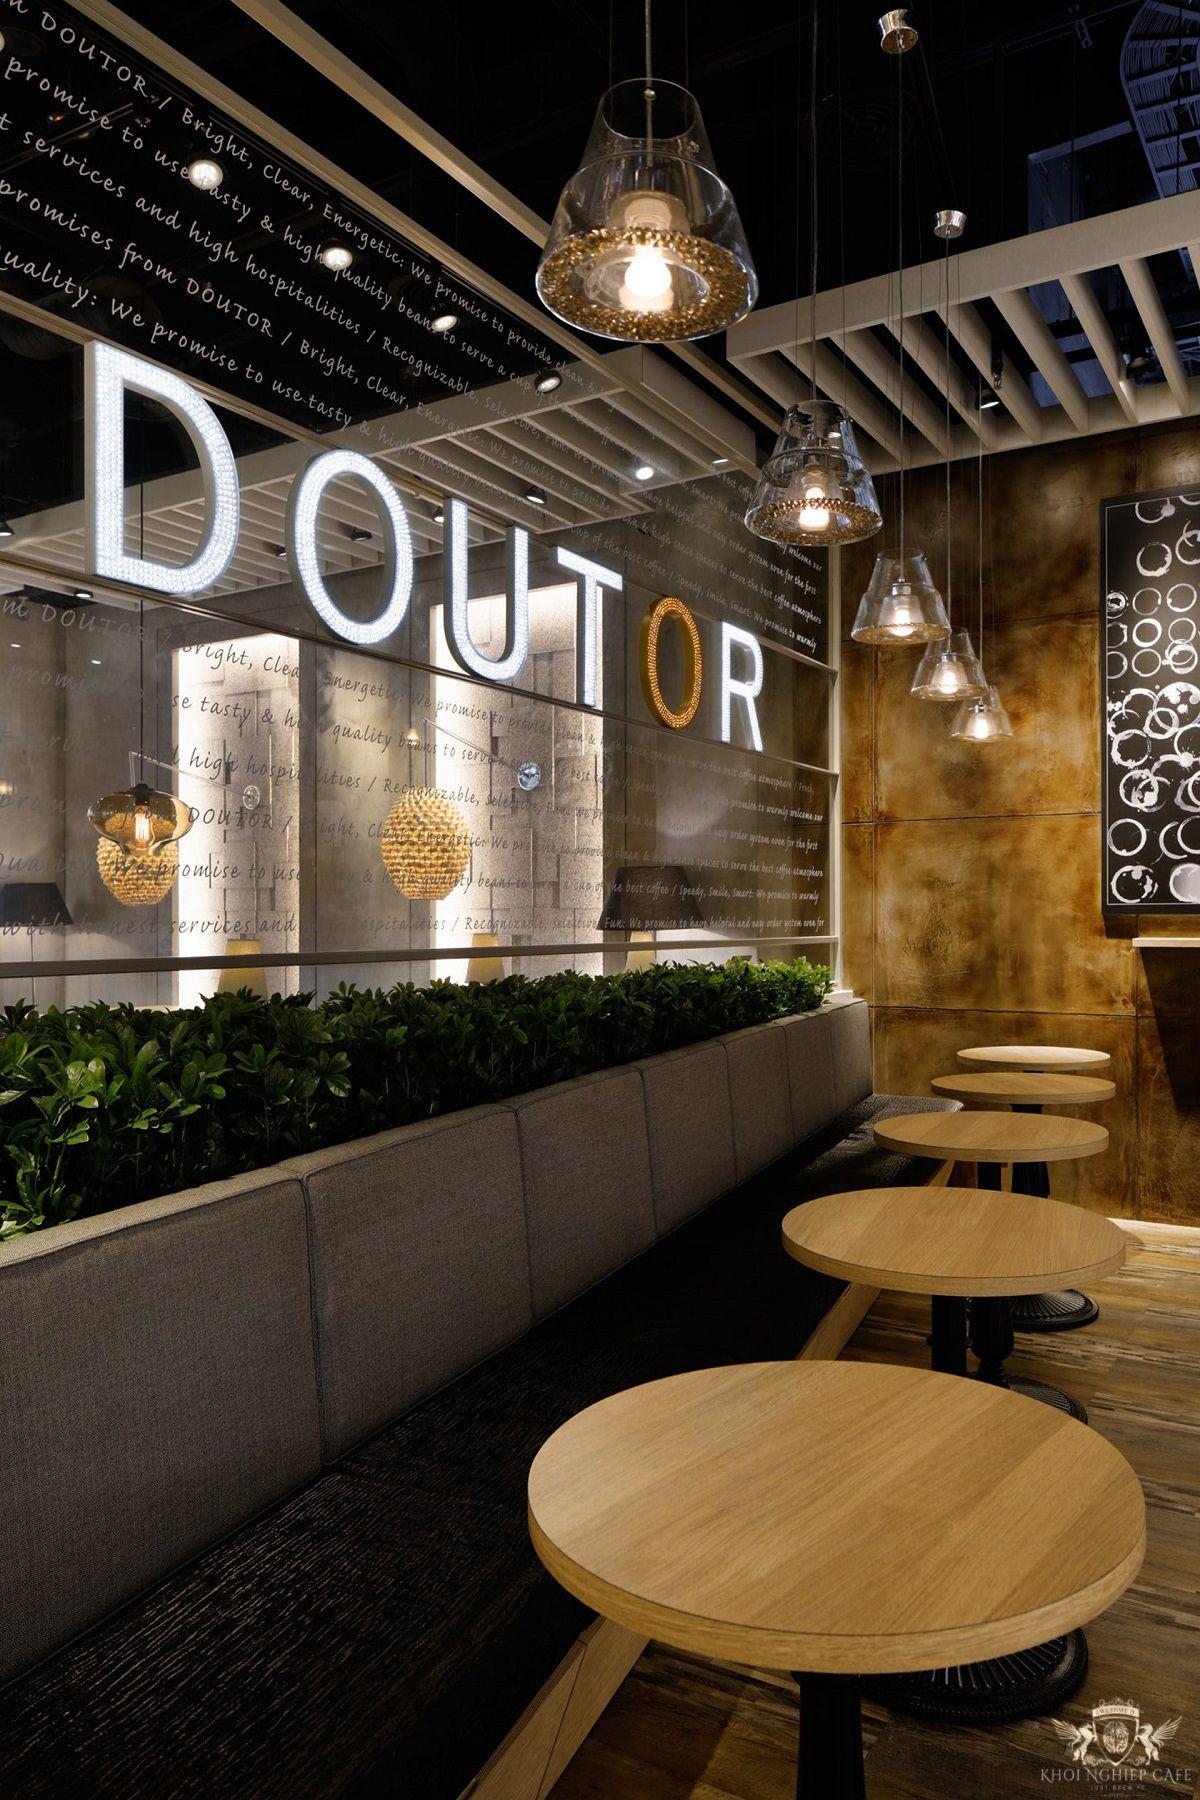 DOUTOR COFFEE SHOP - quan cafe hien dai o taiwan 2018 (8)